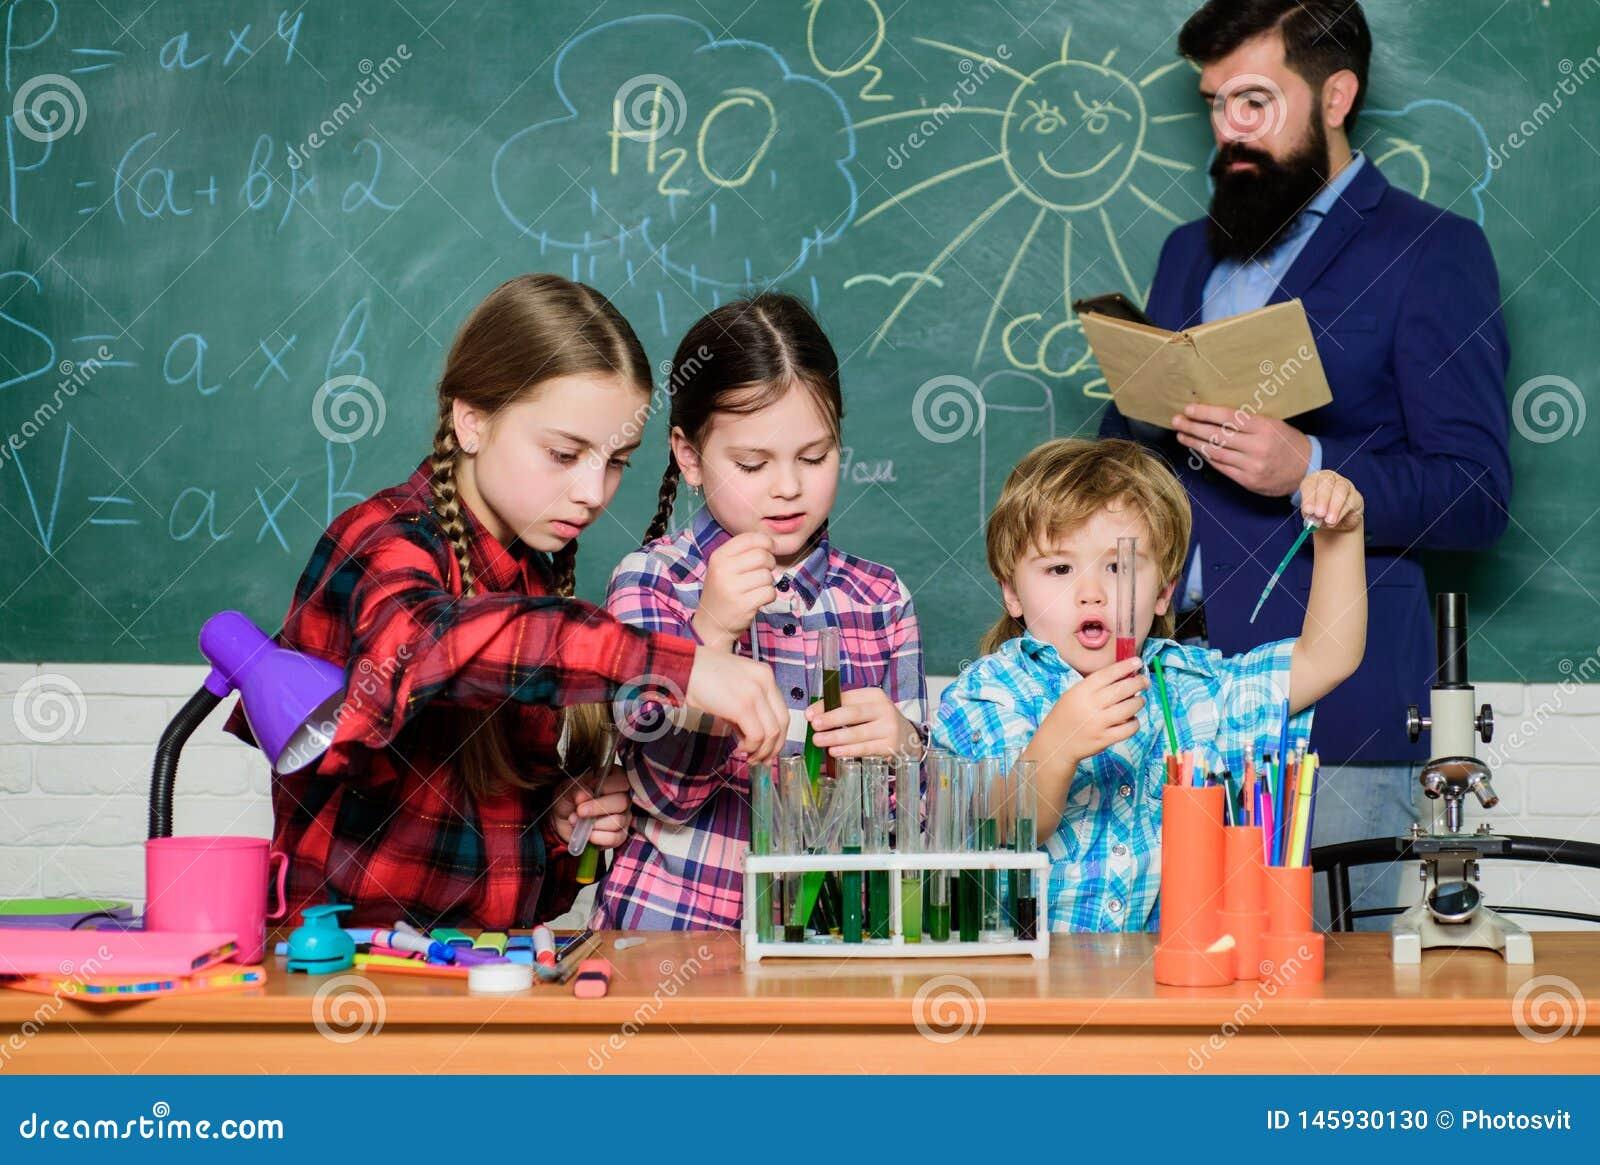 Chemieklassen Groepsinteractie en mededeling Bevorder wetenschappelijke belangen Praktische kennis Het onderwijsjonge geitjes